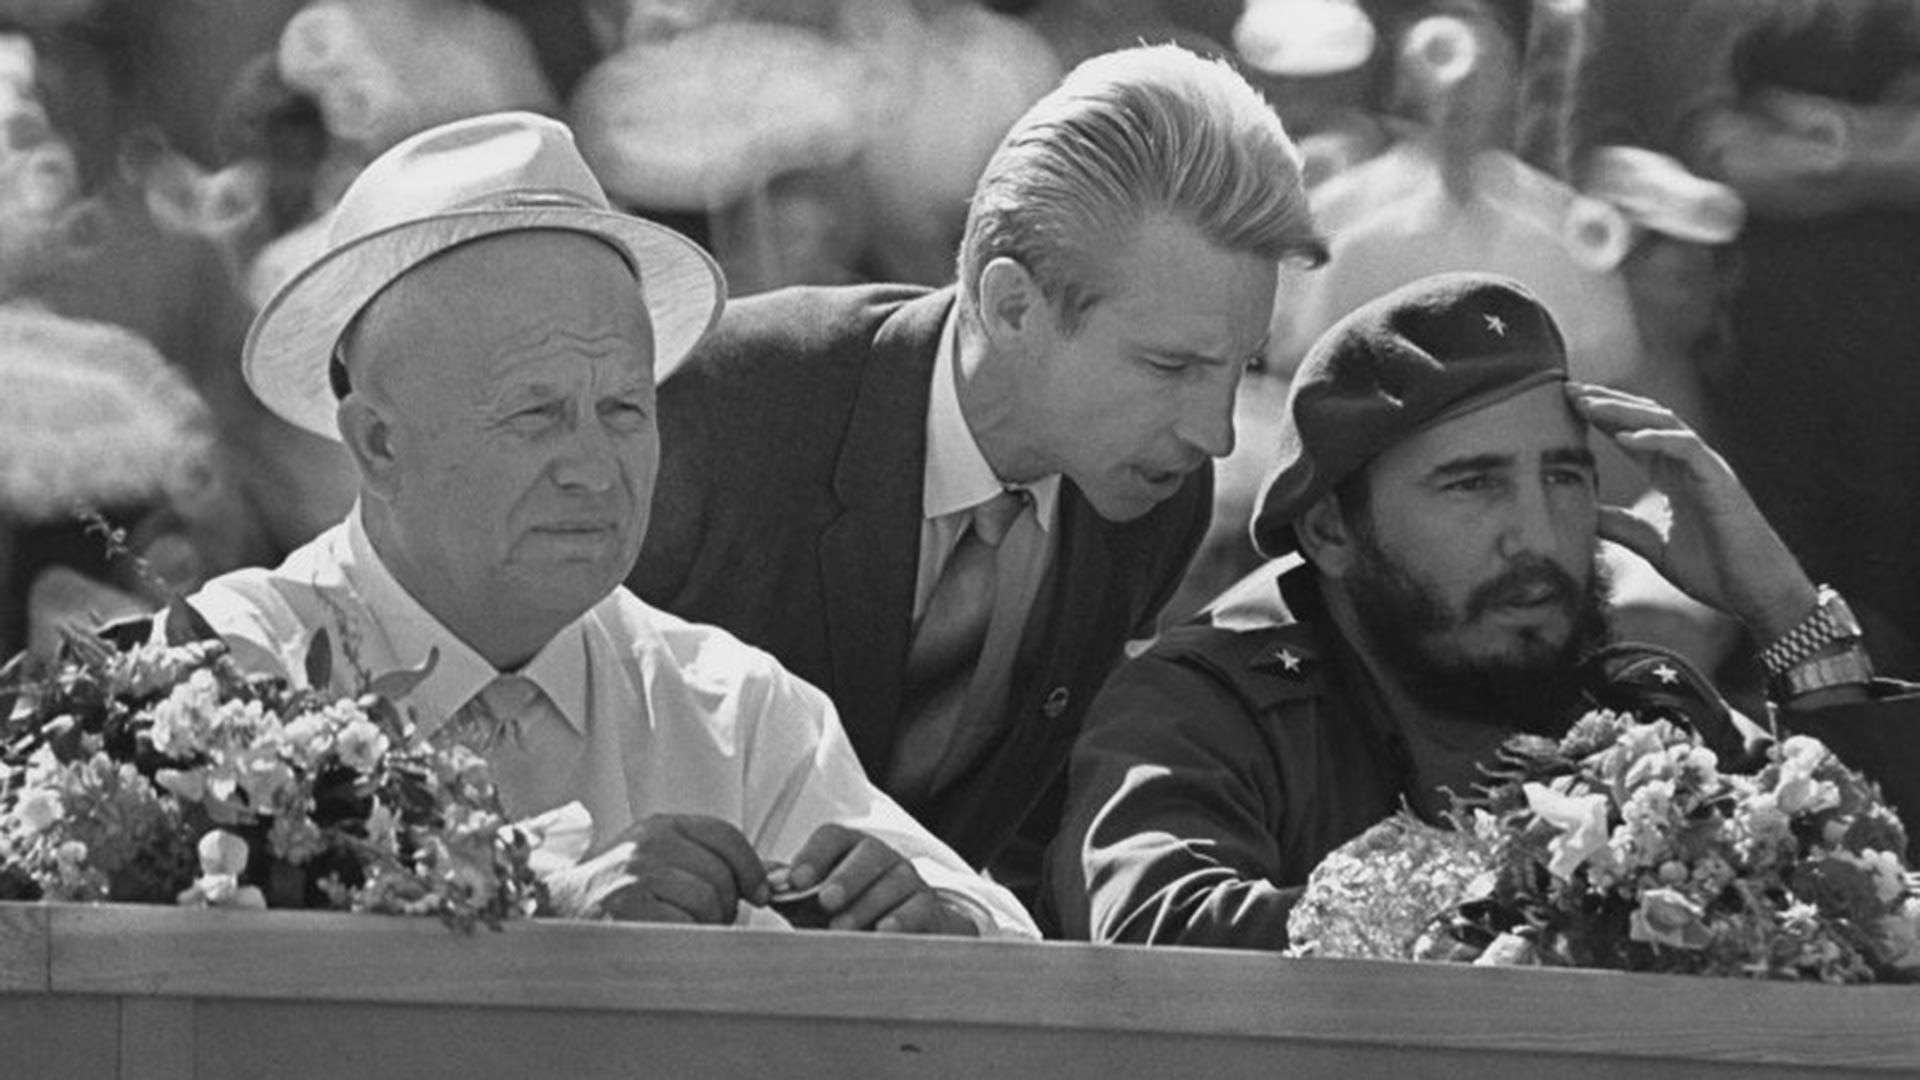 Fidel Castro u posjetu Sovjetskom Savezu. Miting prijateljstva između sovjetskog i kubanskog naroda na stadionu